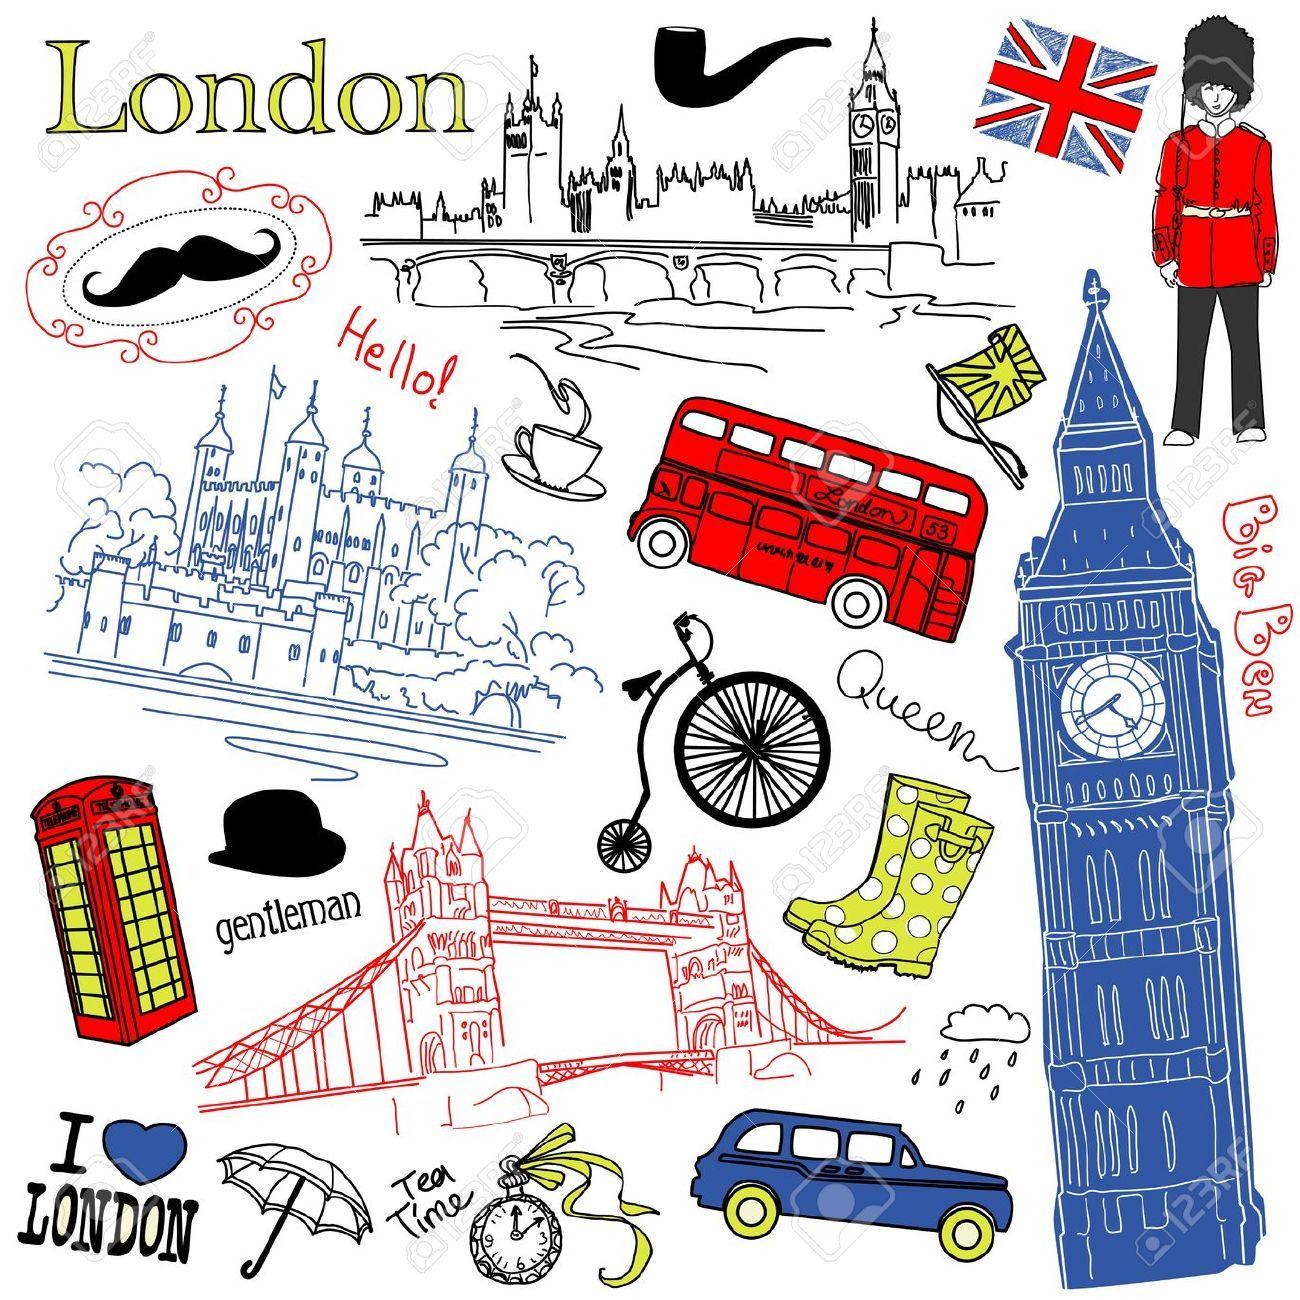 London Inspired Fashion Illustrations Google Search Doodles De Cahier Couvertures De Cahier Coloriage Londres